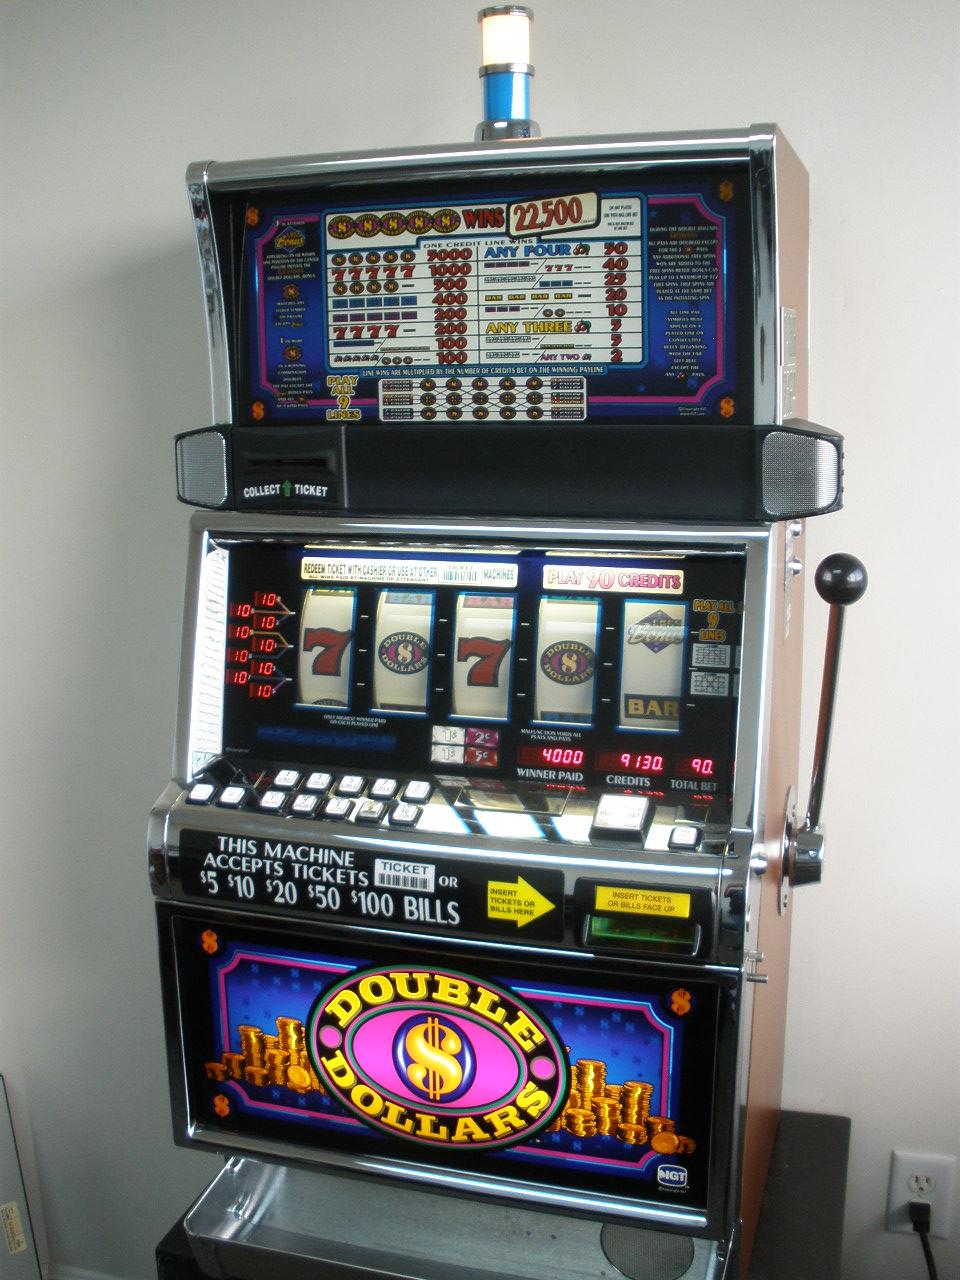 Buffet double o dollars slot machine online habanero bingo